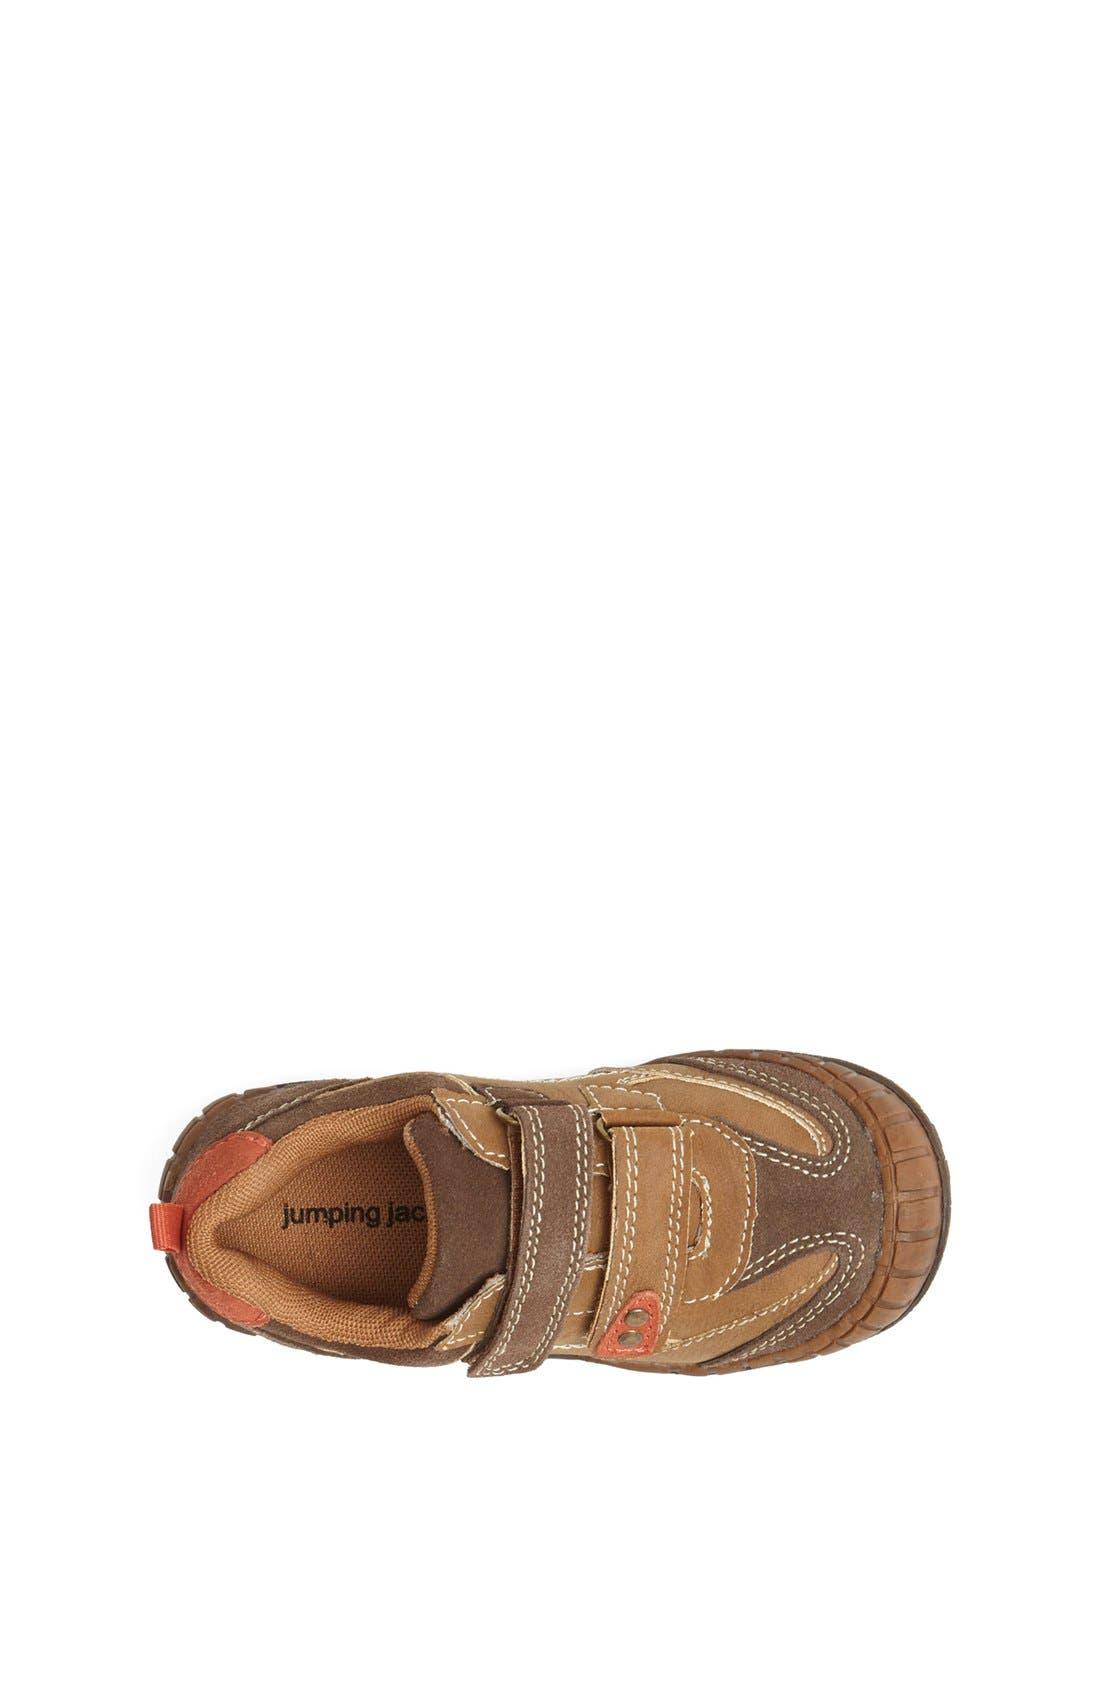 Alternate Image 3  - Jumping Jacks 'Mack' Sneaker (Toddler & Little Kid)